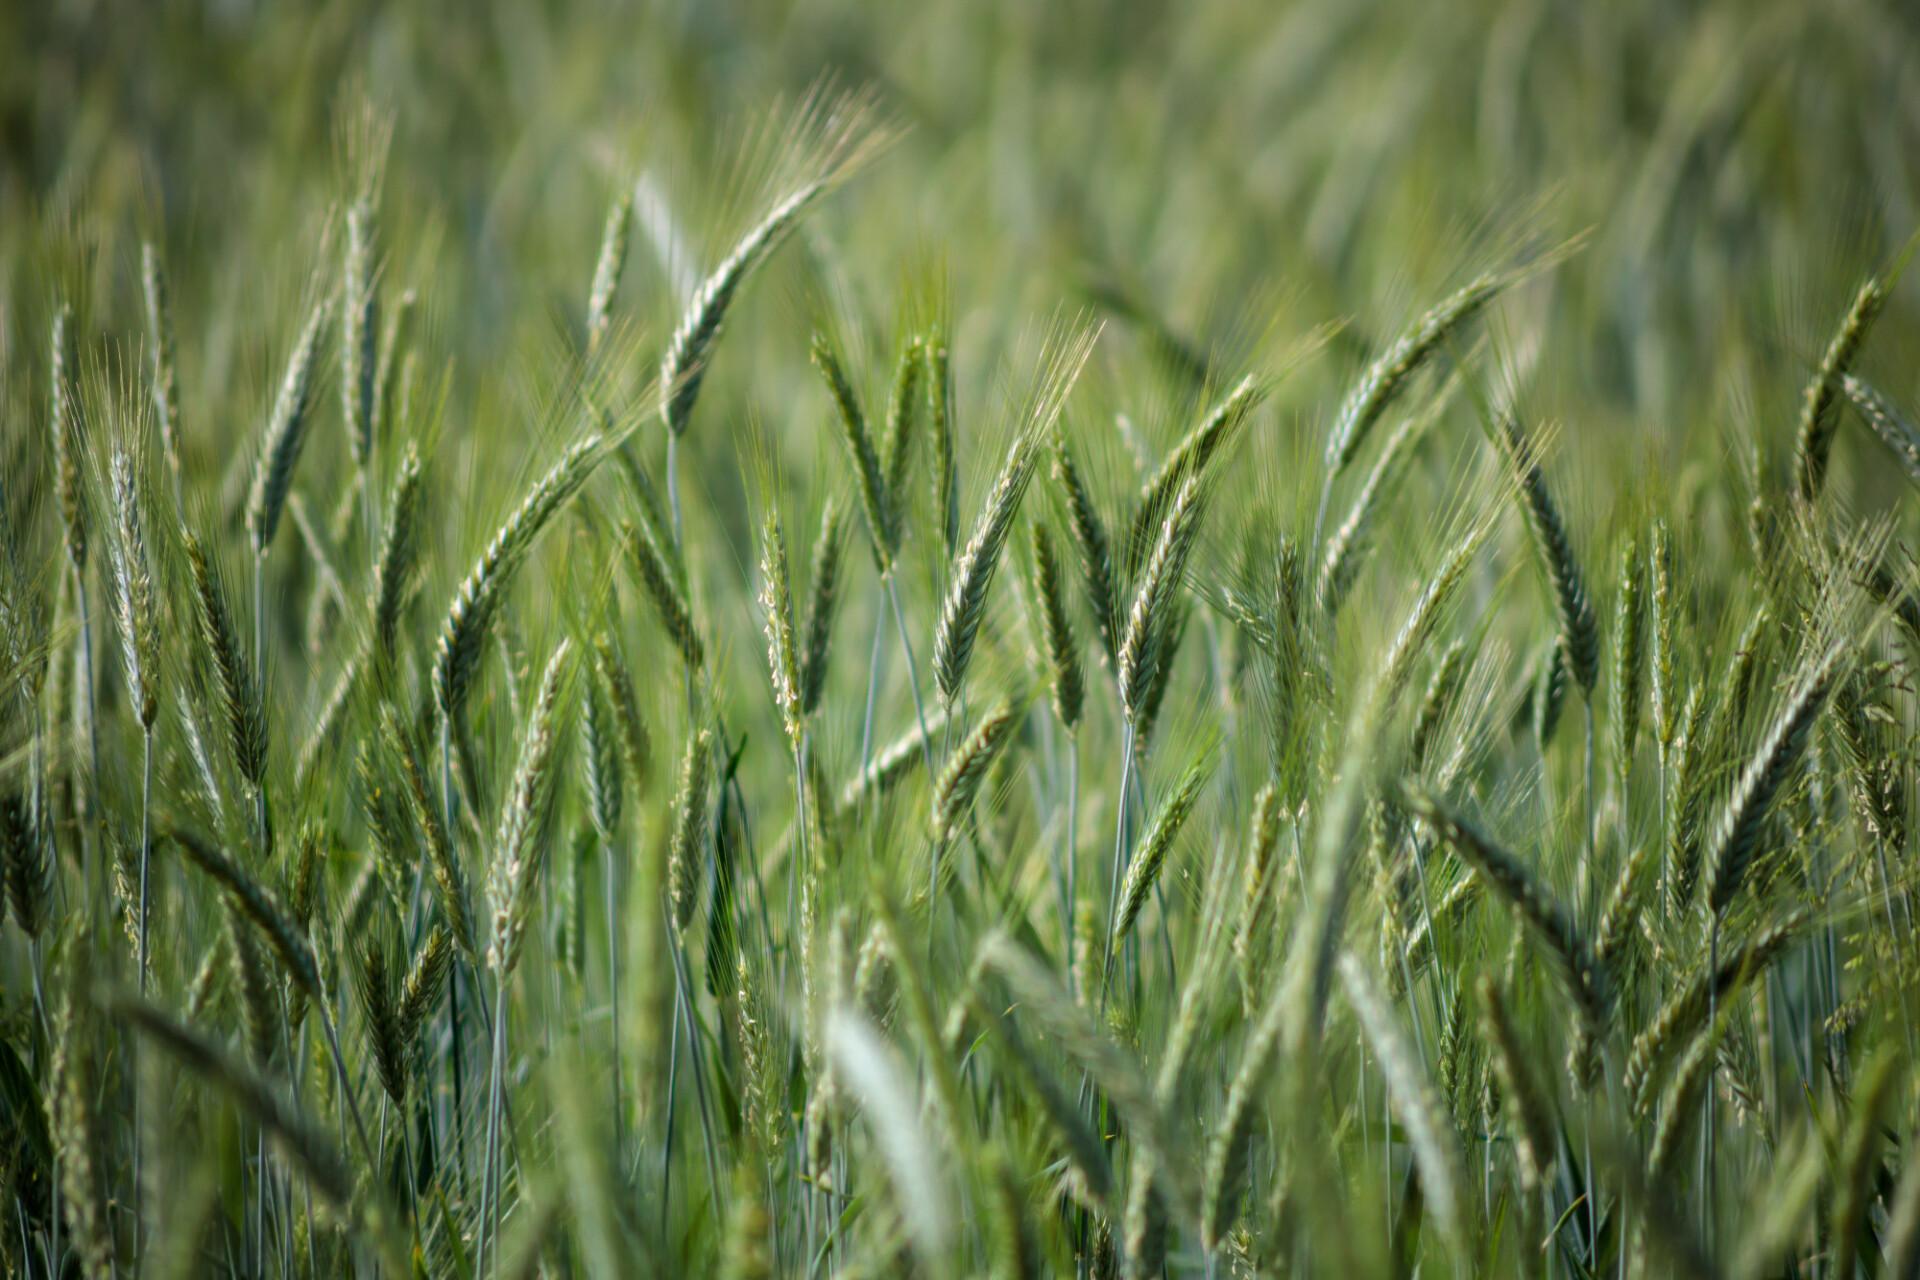 Rye field in summer